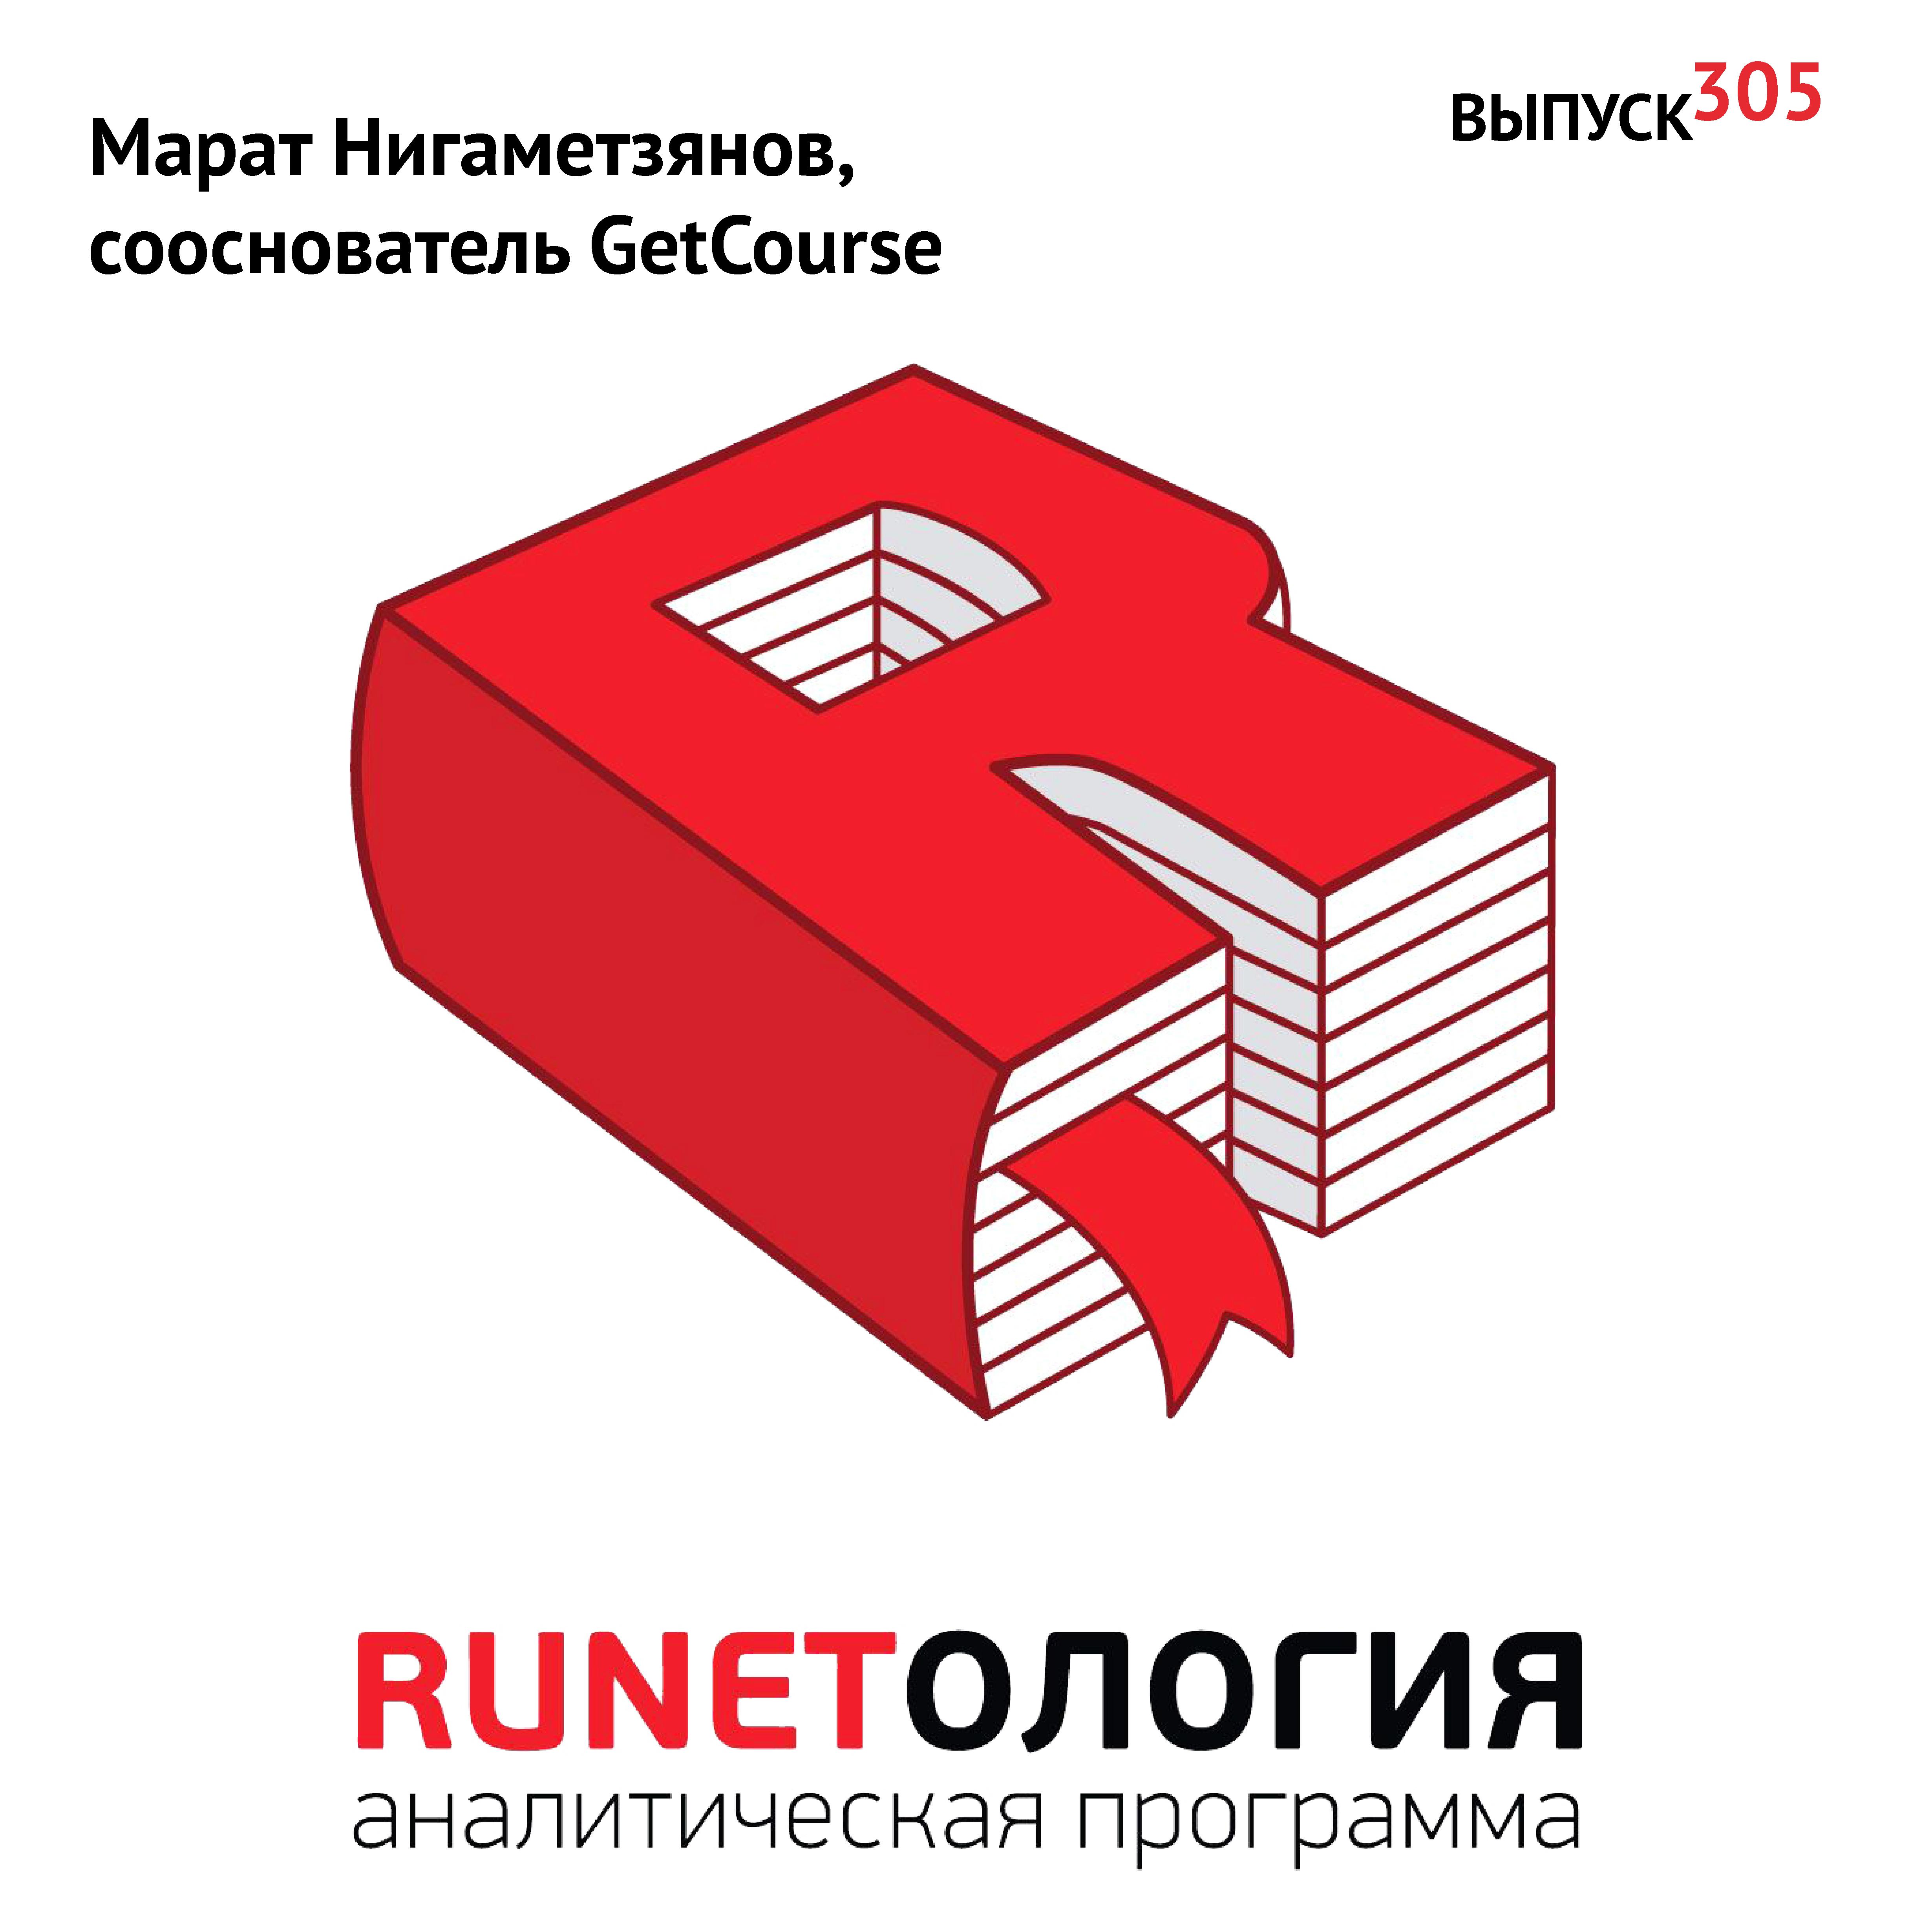 Марат Нигаметзянов, сооснователь GetCourse